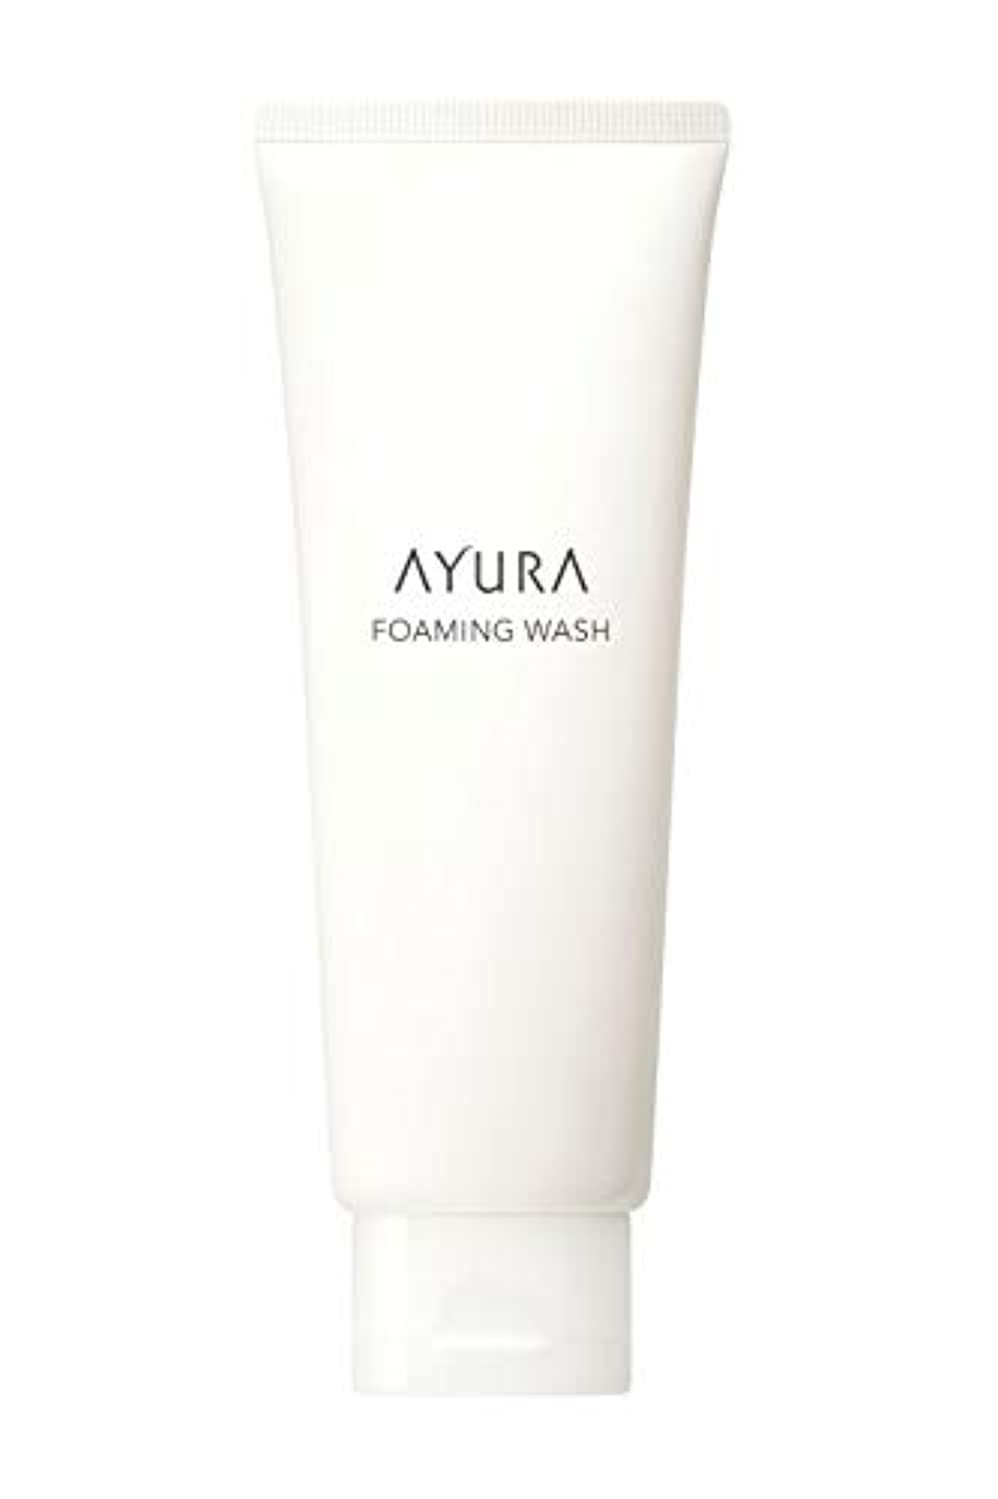 ハーフ彼女自身ベースアユーラ (AYURA) フォーミングウォッシュ 120g 〈 洗顔料 〉 肌をいたわりながら汚れを落とす つるんとやわらかな素肌へ 洗うたびにうるおいを与えるもっちり濃密泡の洗顔料